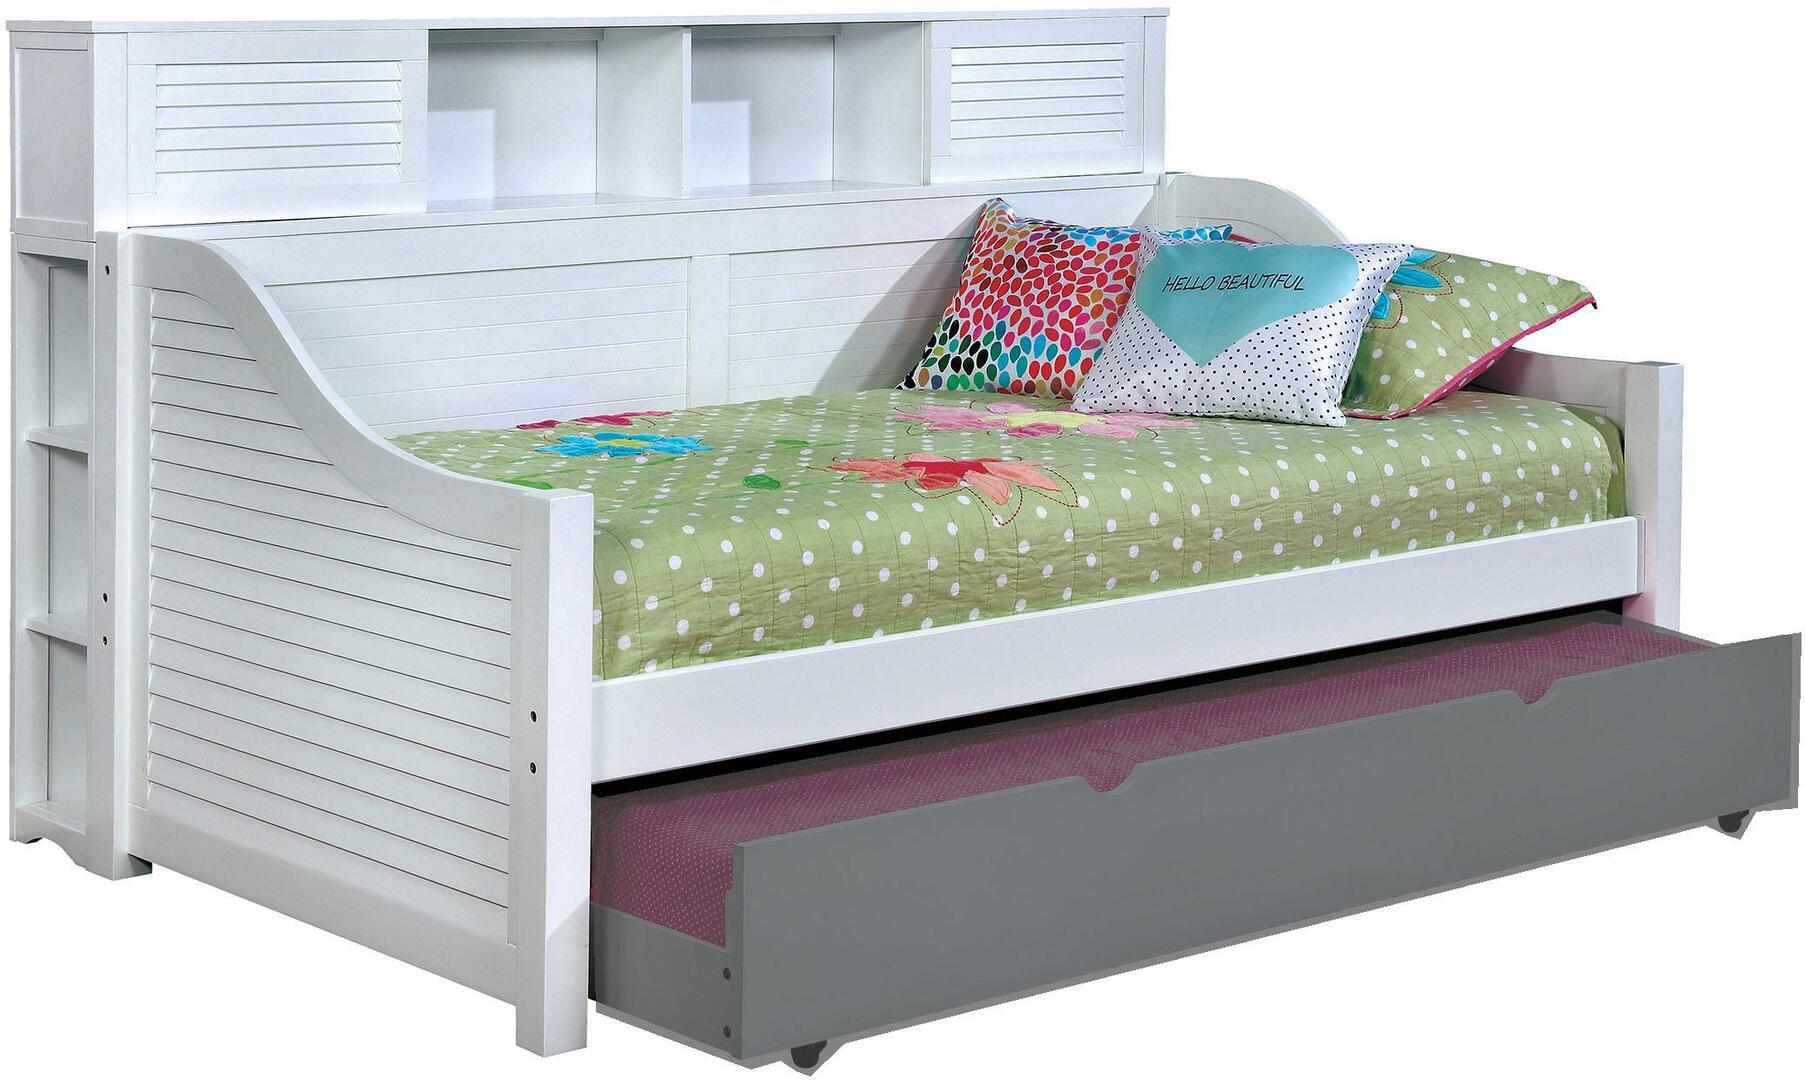 Furniture Of America Cm1951whbedbc